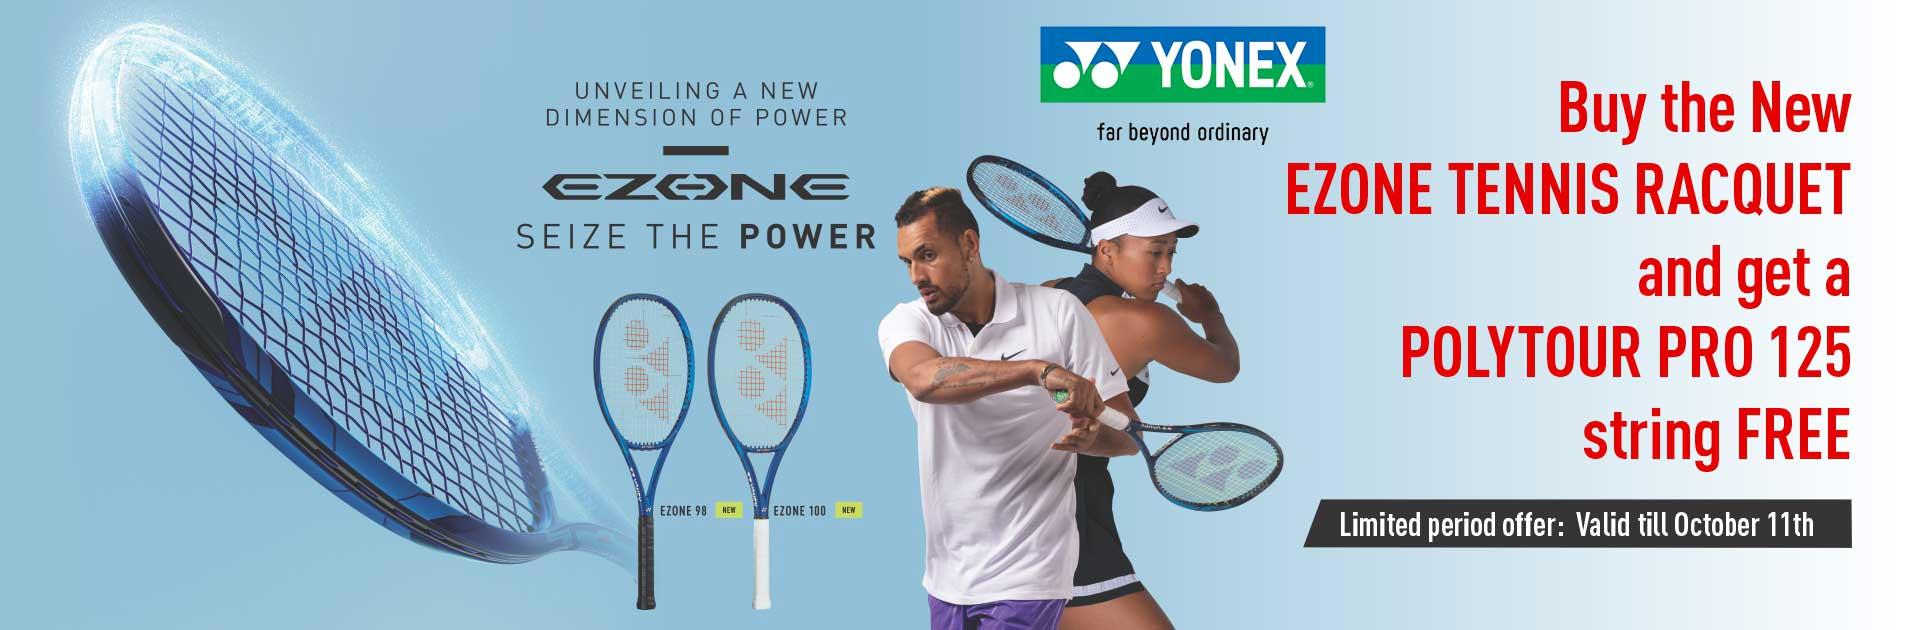 Yonex String Offer